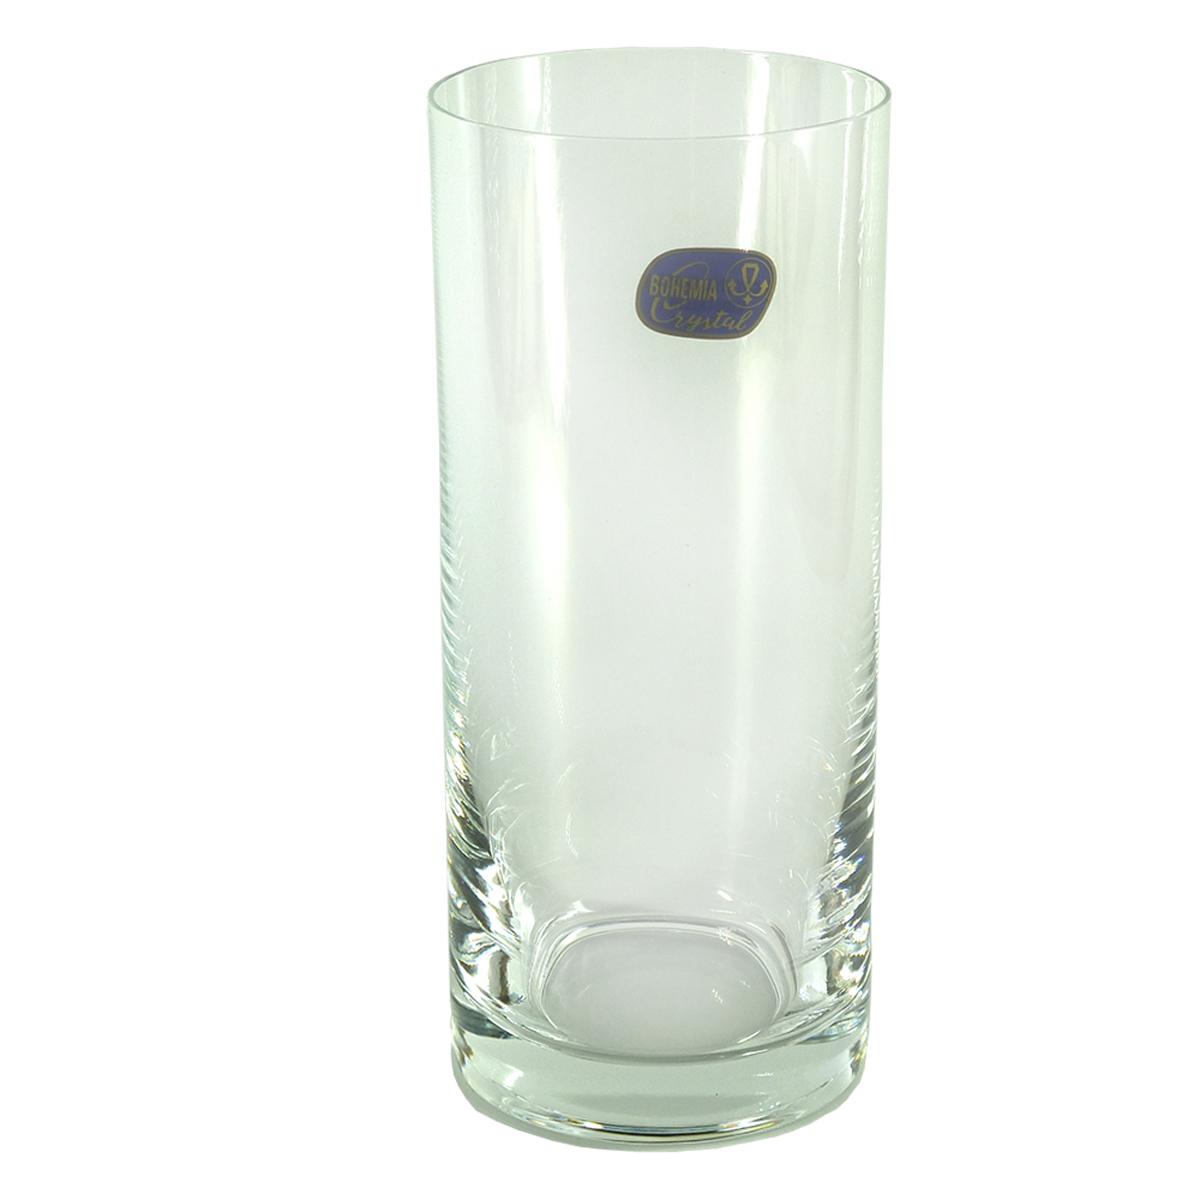 Стаканы для воды Барлайн 300 мл, 6 шт, 25089/300 изделие из богемского стекла Crystalex одного из старейших производителей Чехии. История появления стекла насчитывает более десяти веков. Стекло Crystalex обладает гораздо лучшими эксплуатационными и эстетическими свойствами, чем любое другое. Оно более блестящее, более прозрачное и одновременно более прочное. Изысканные переливы, игра света, красота и изящные формы изделий не перестают поражать своим великолепием. Любое изделие из богемского стекла станет изысканным подарком к празднику или торжественному событию. Красота и роскошь изделия непременно будут оценены по достоинству.